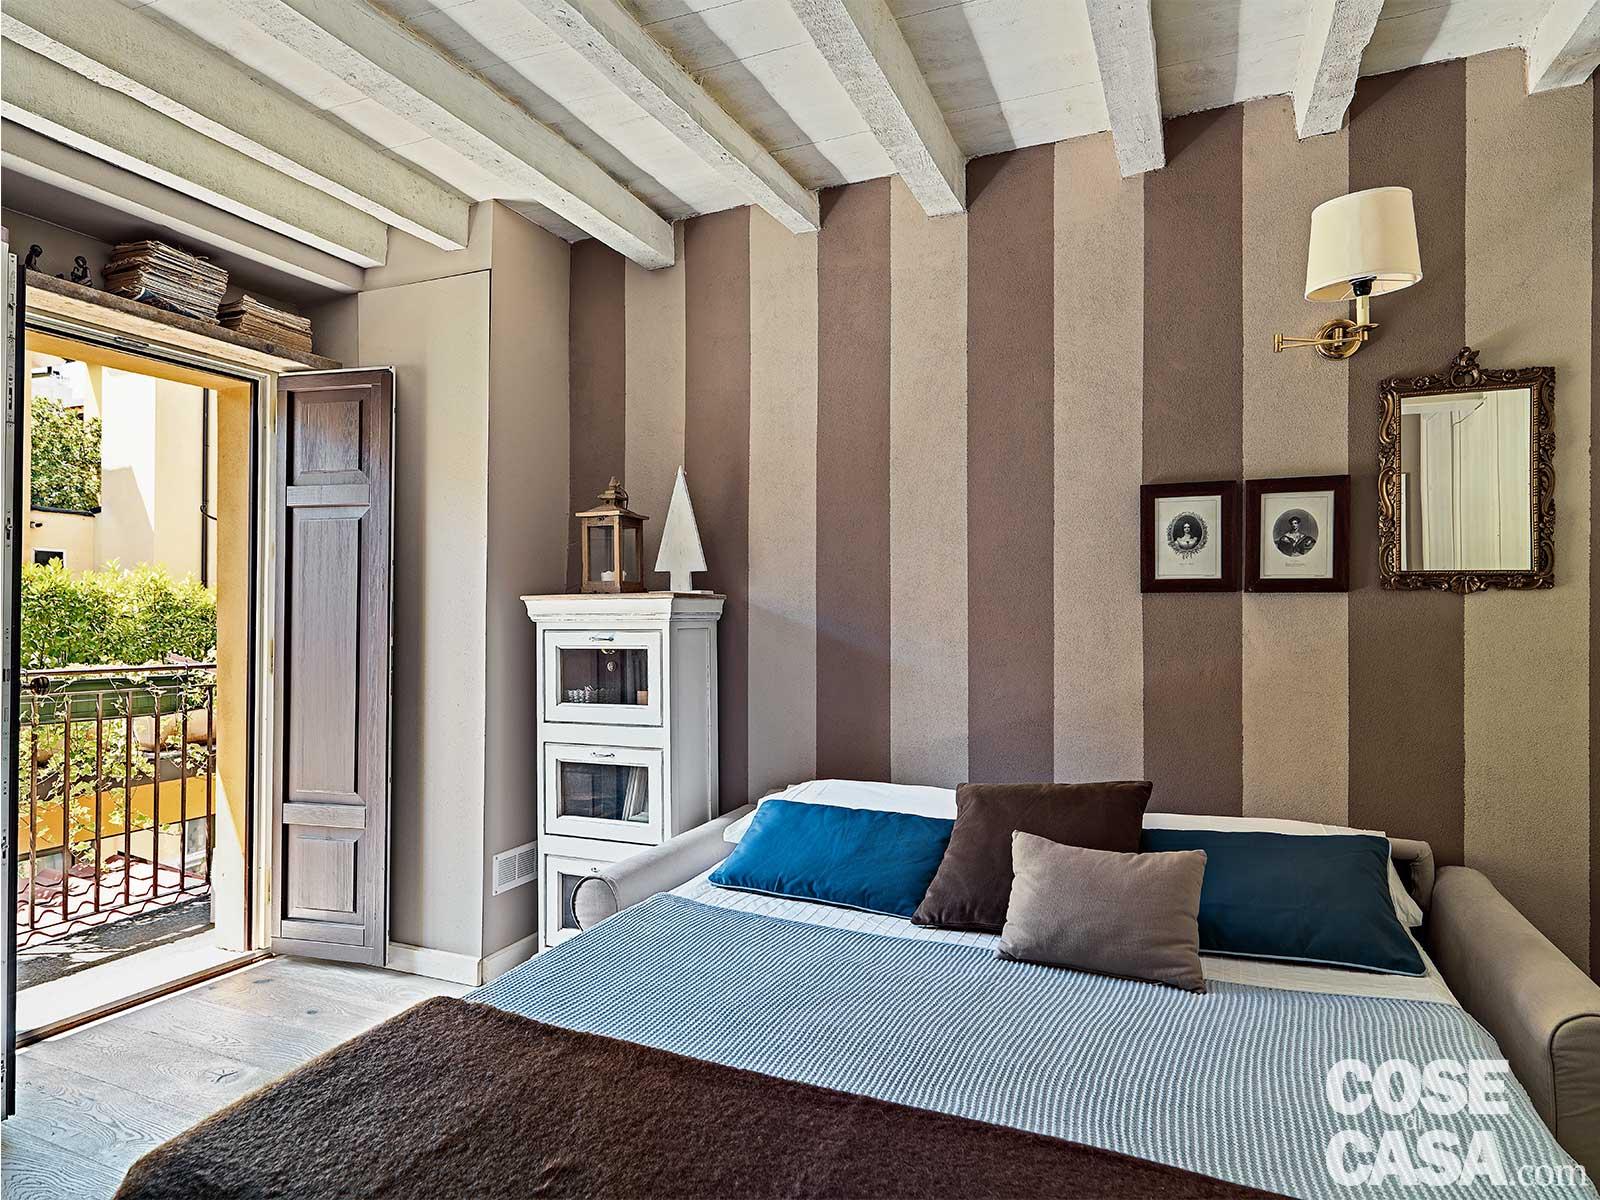 Pareti A Righe Shabby Chic monolocale decor, 32 mq in versione shabby chic - cose di casa